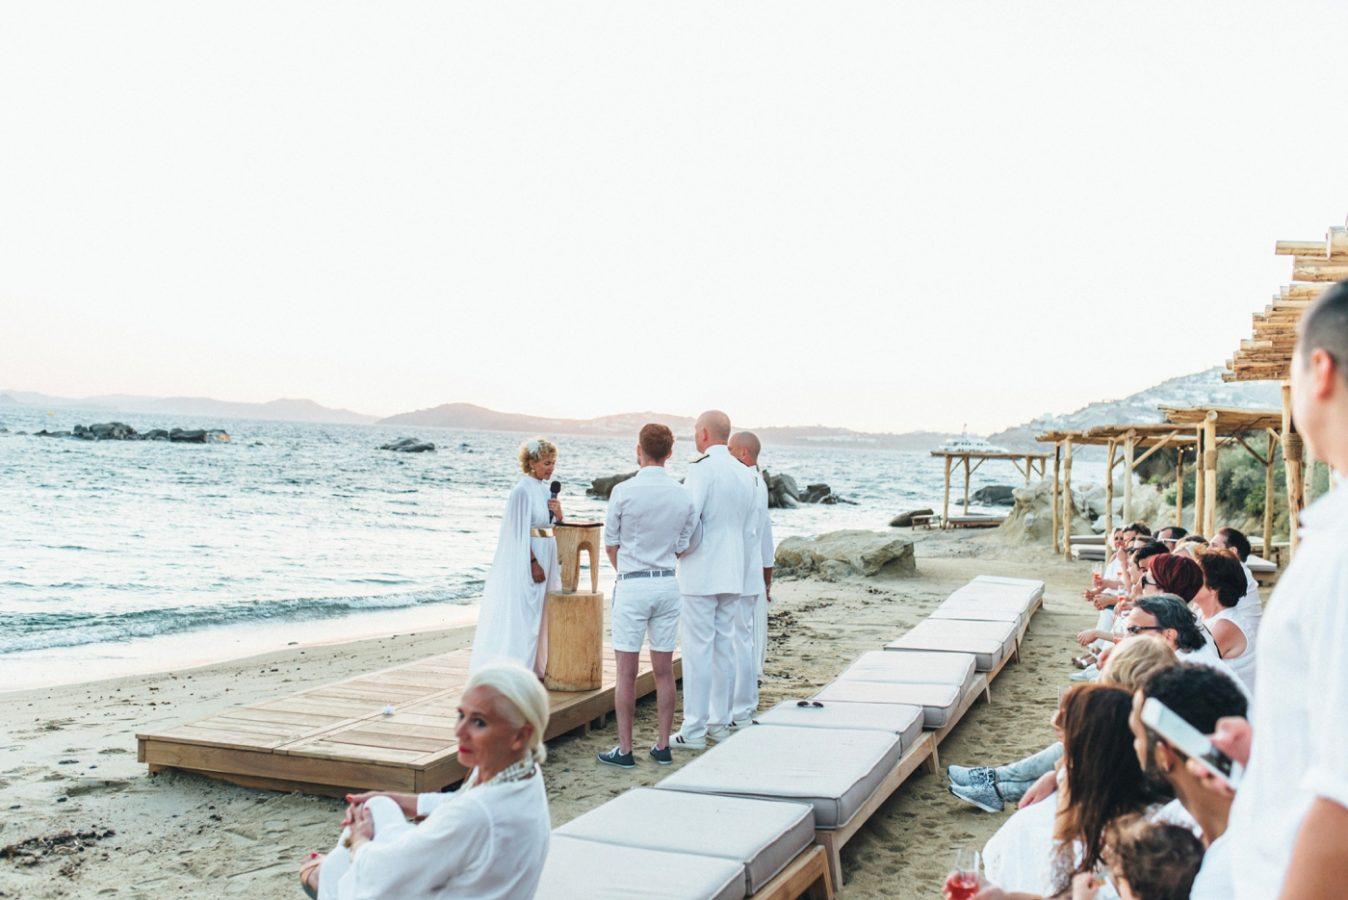 Fotos HochzeitsreportagenFotoshochzeit hochzeitsfotograf international cologne ibiza mallorca 0874